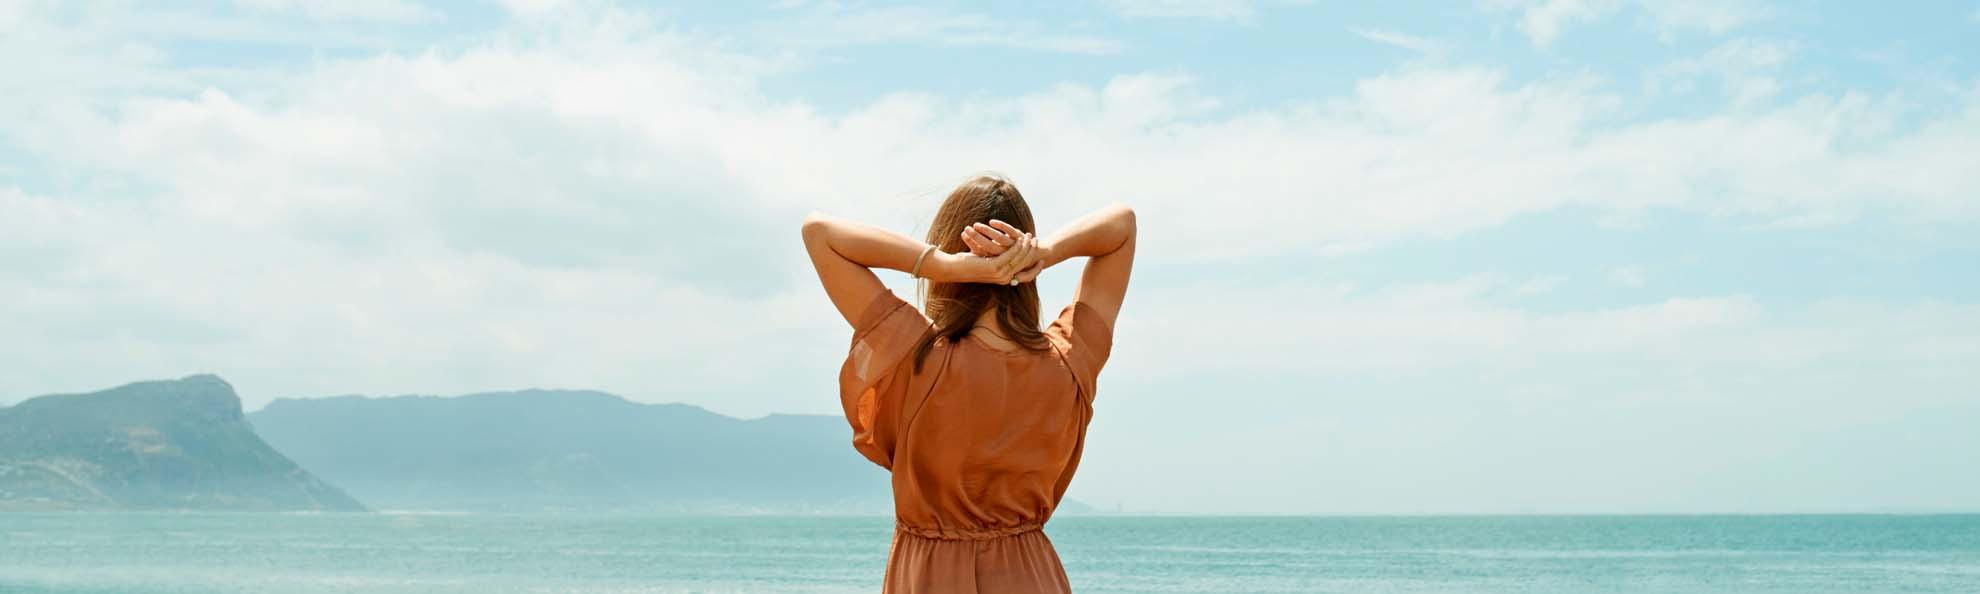 eine frau verschraenkt ihre arme ueber dem kopf und schaut auf das meer und den horizont